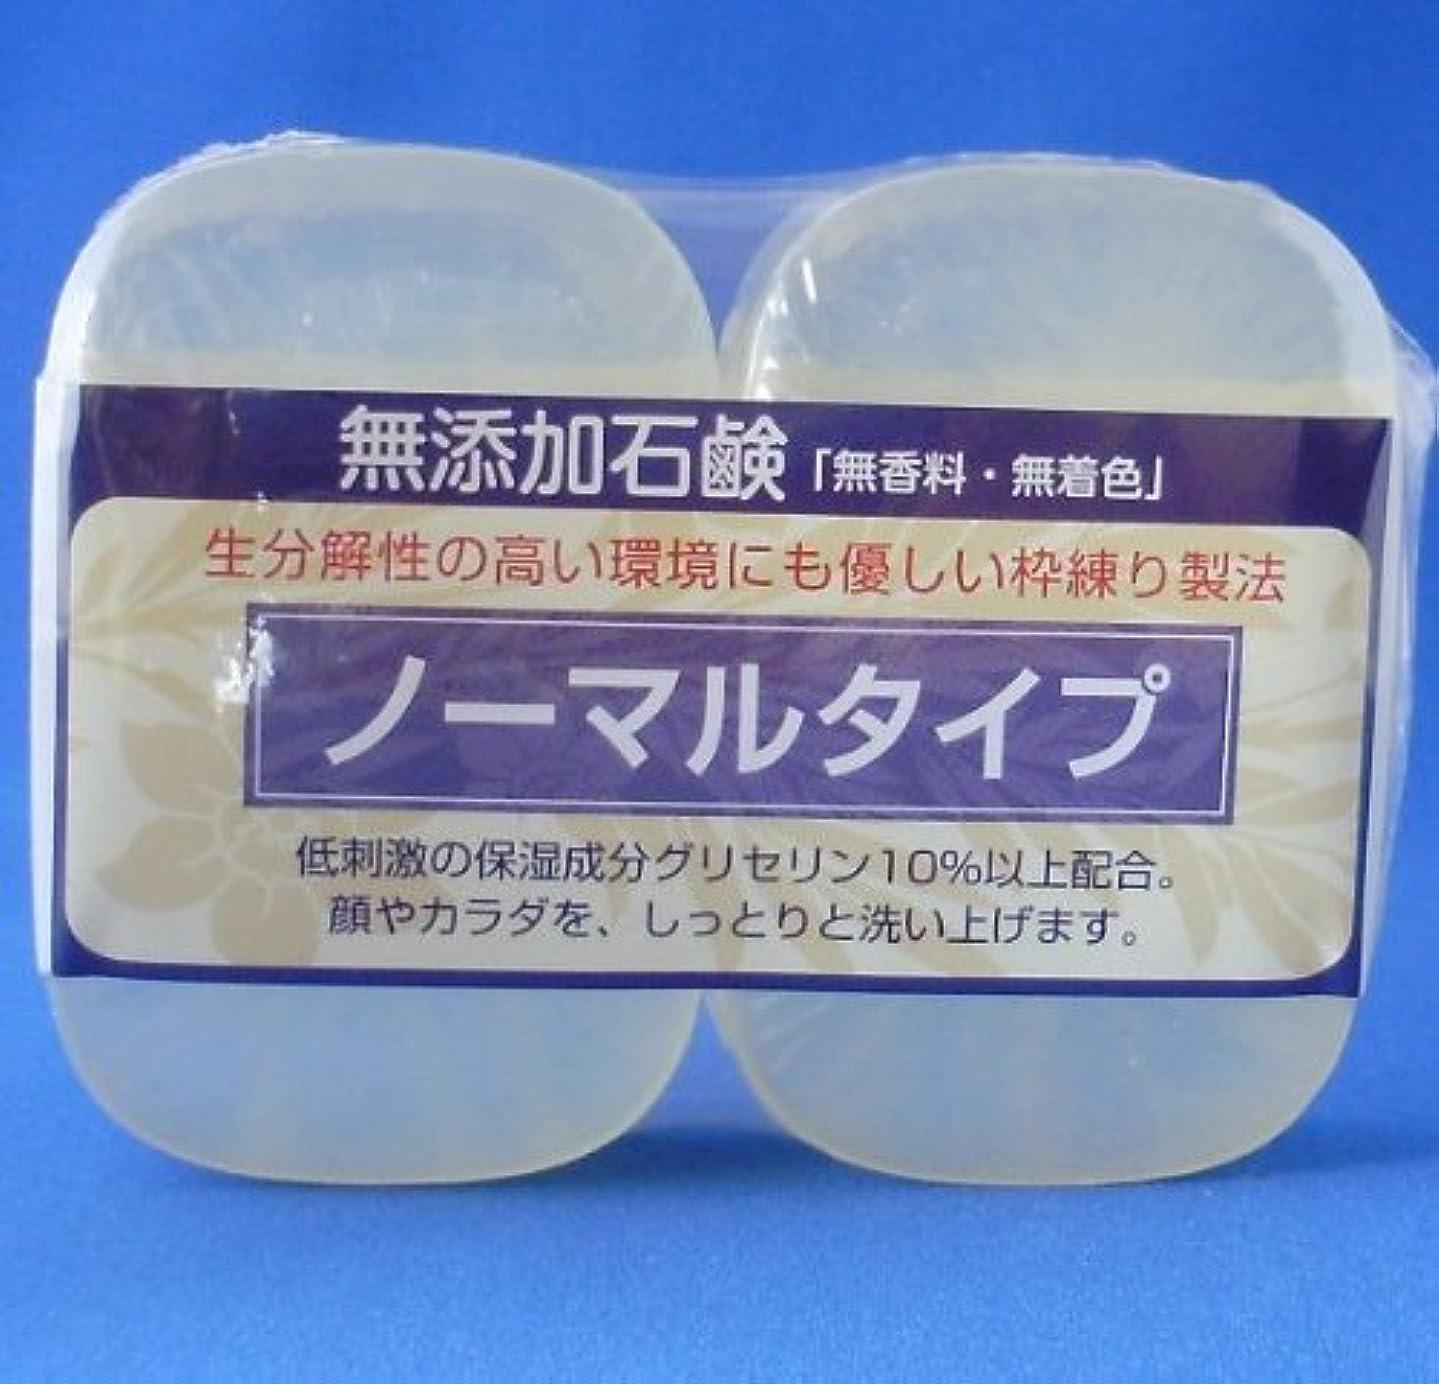 夕方抽象化質素な無添加石鹸 ノーマルタイプ 90g×2個